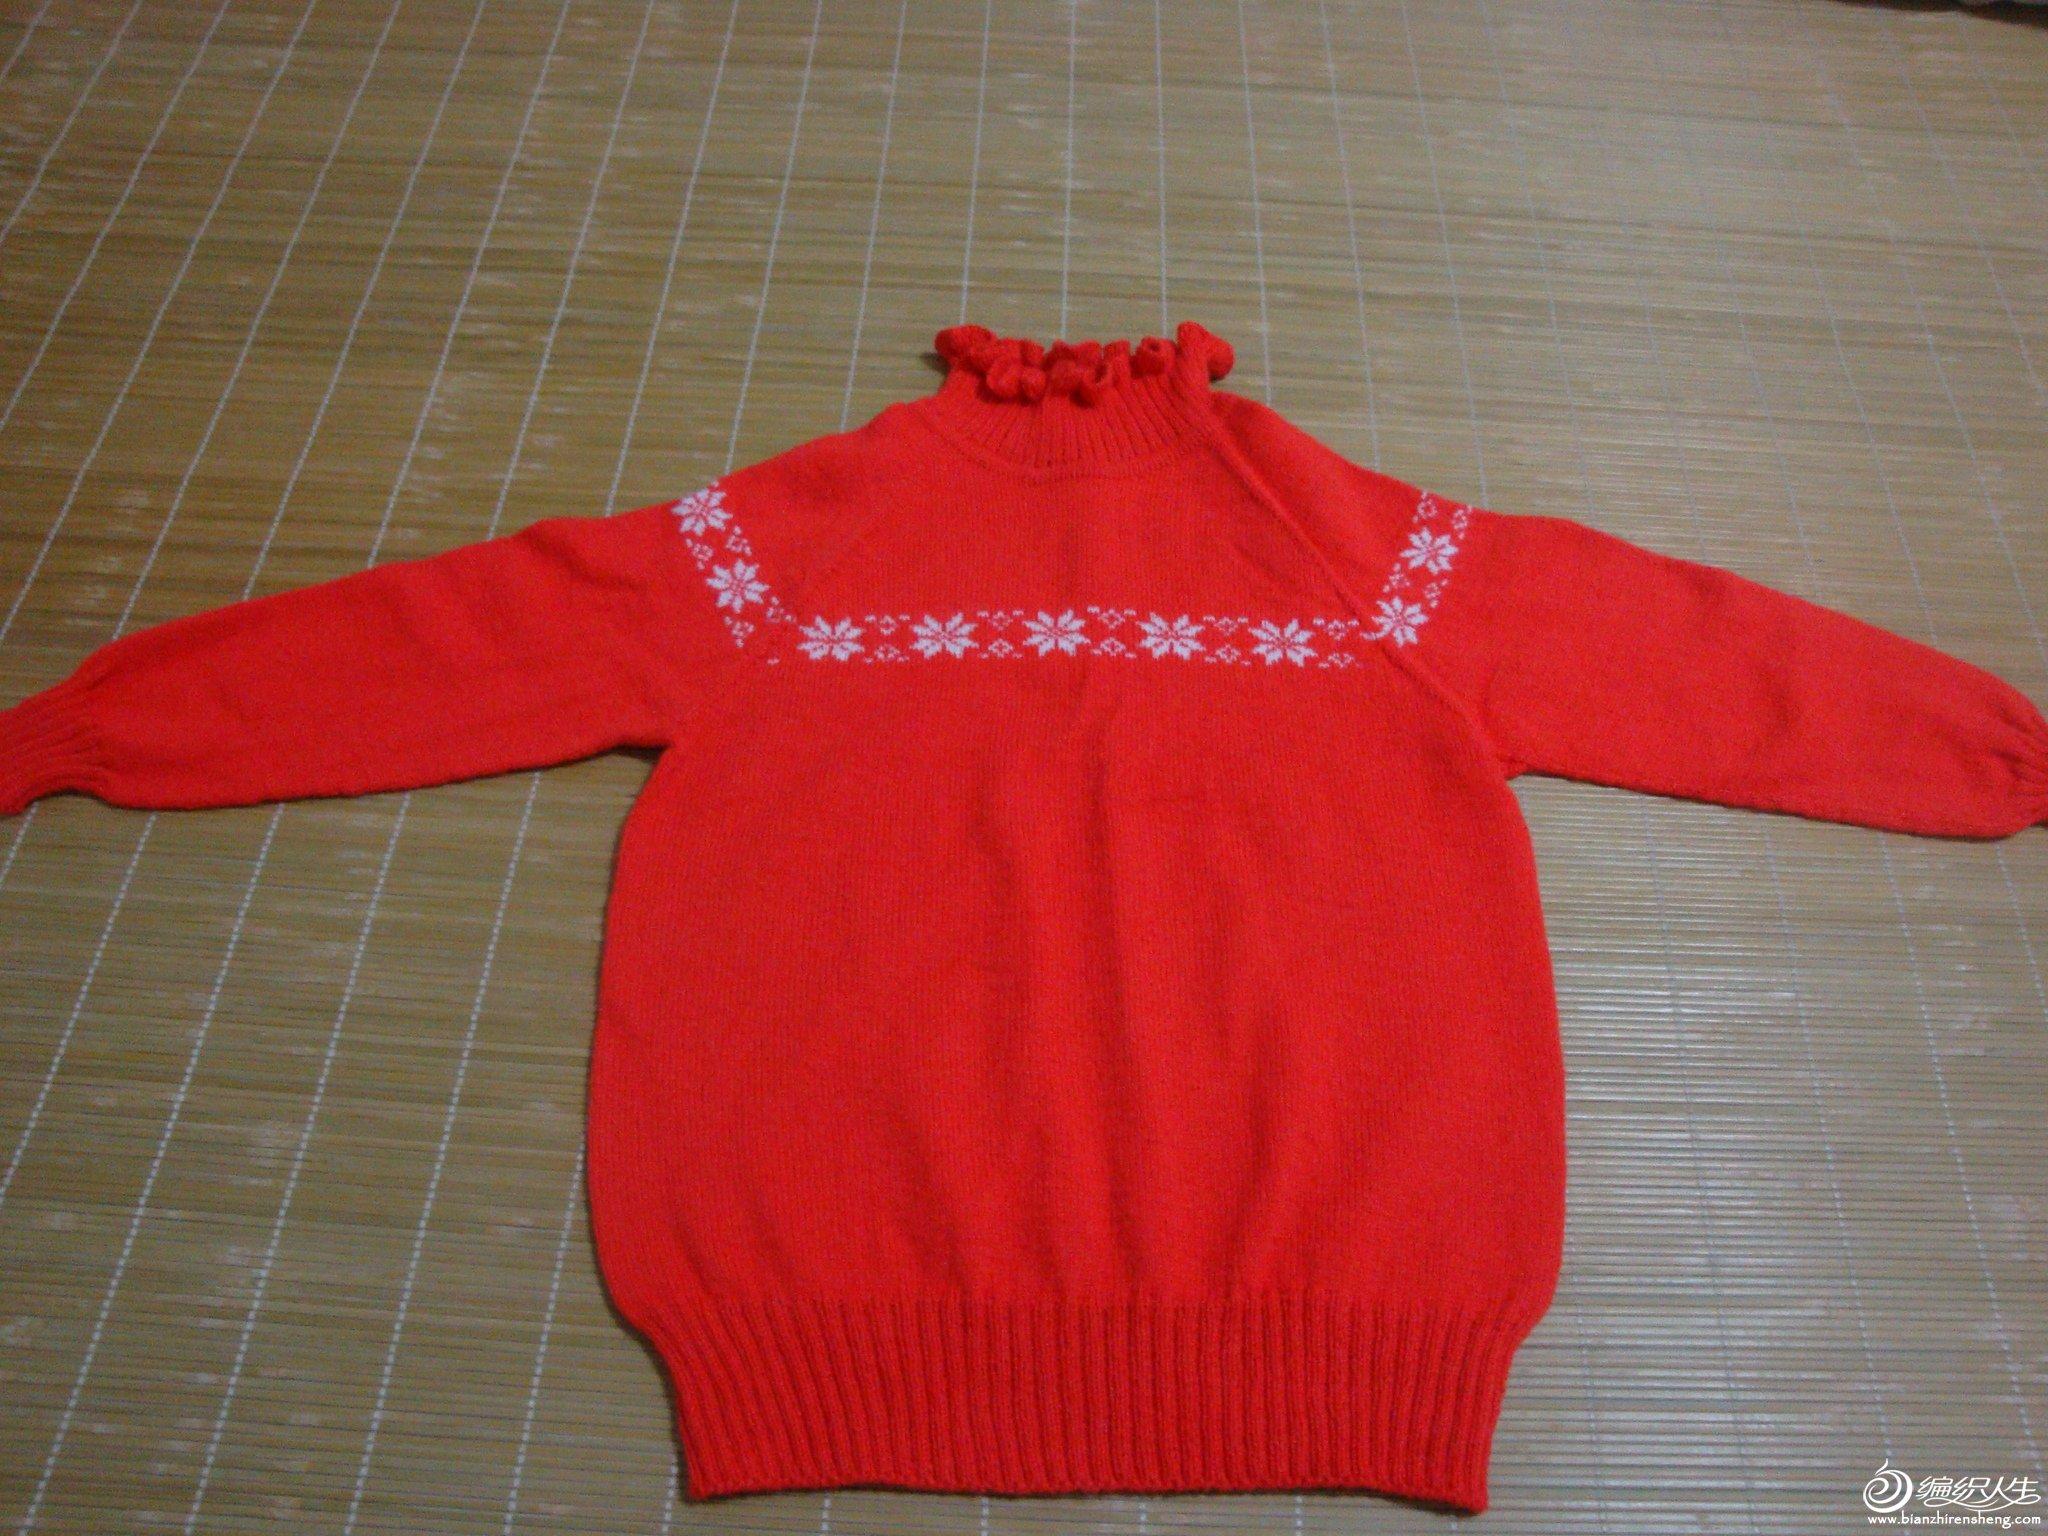 女儿的雪花毛衣,今年织的,还没穿过。